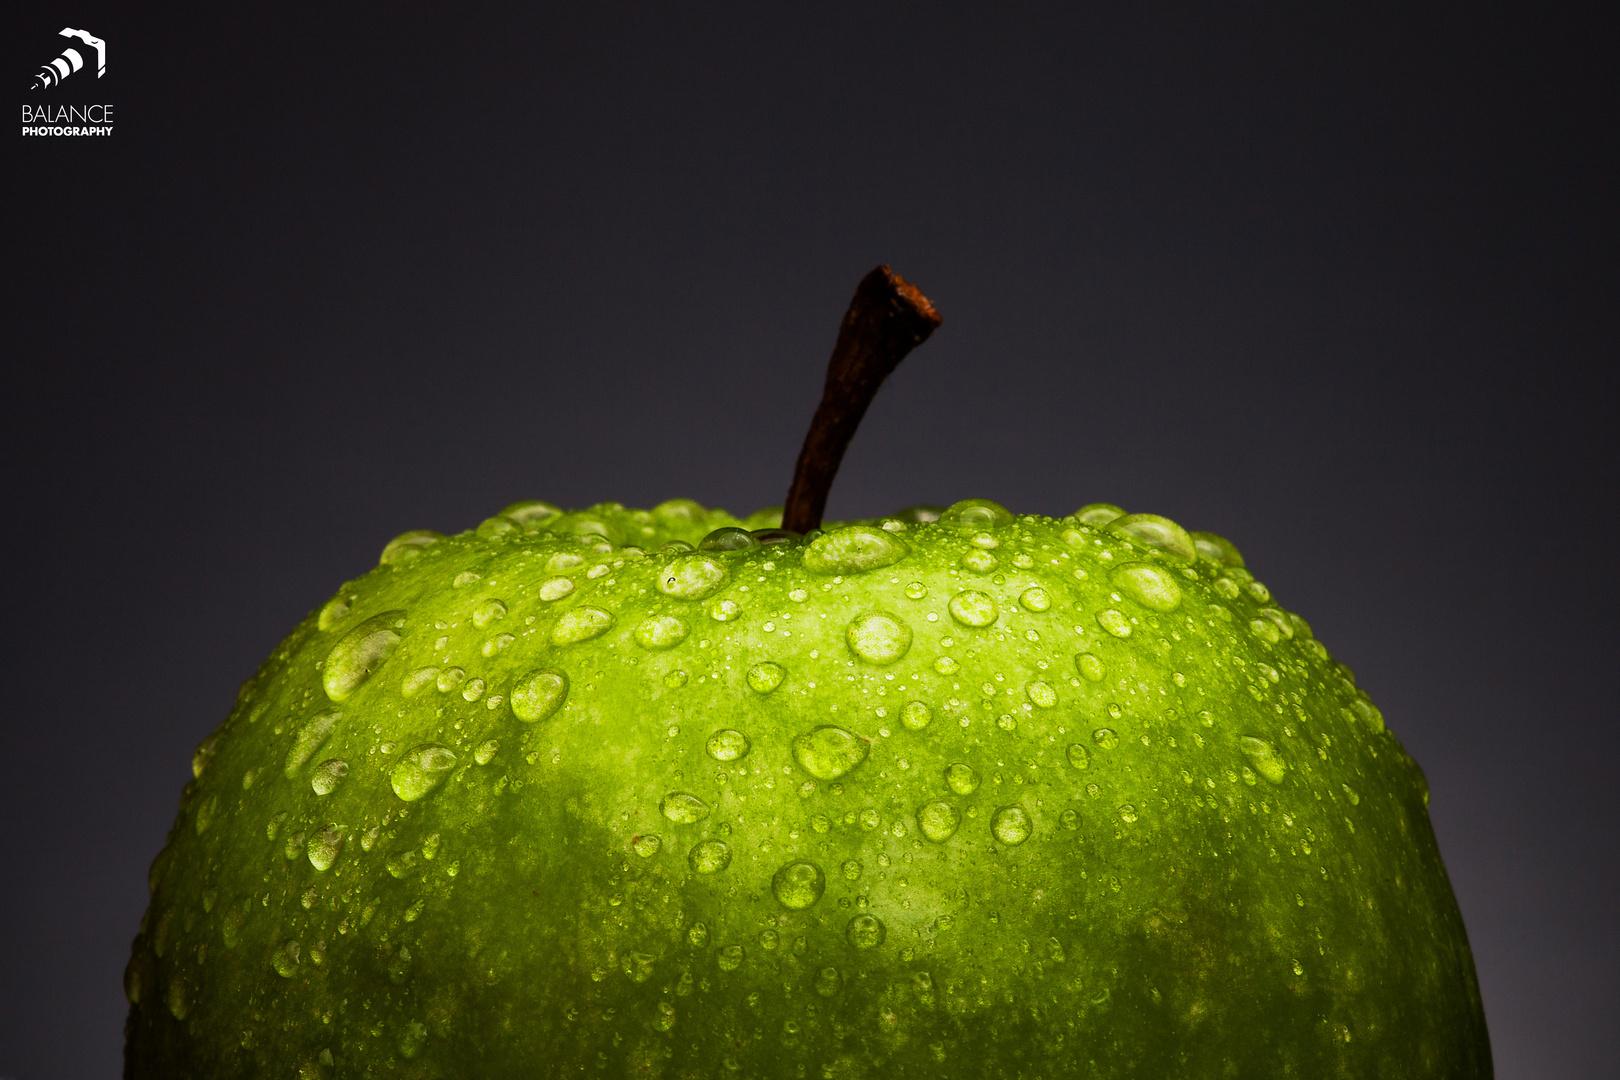 Soo schön frisch der Apfel